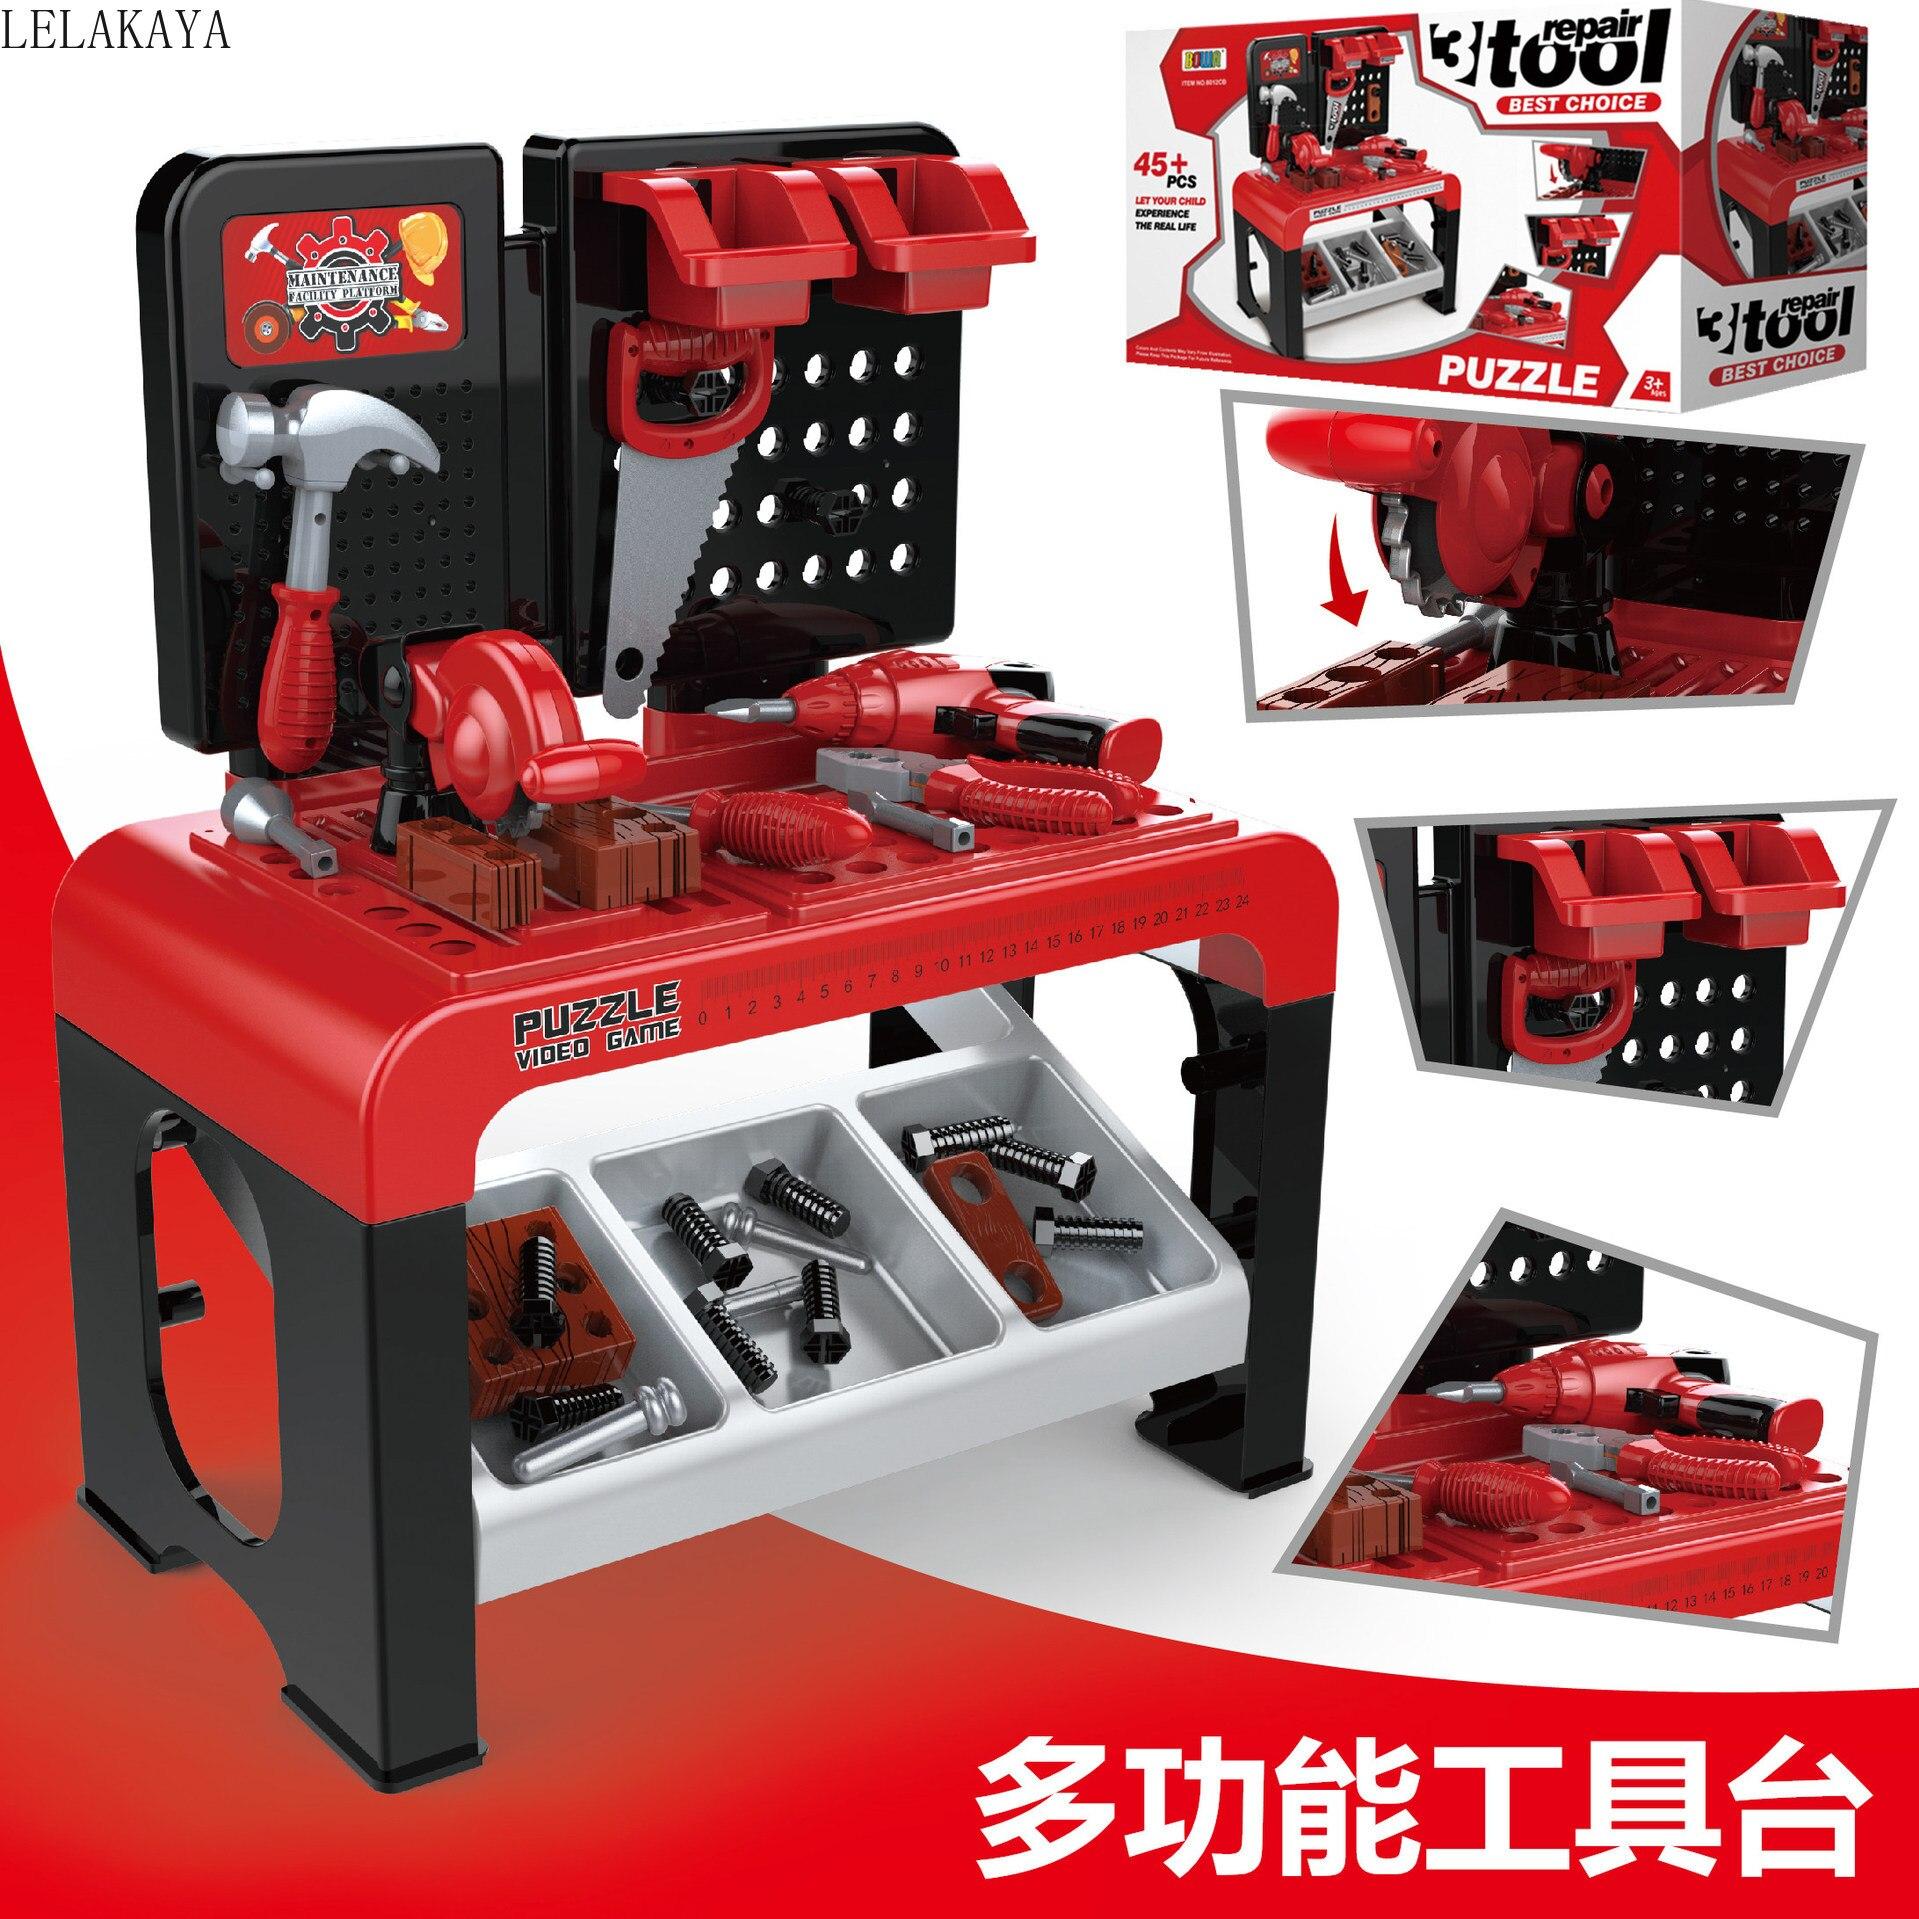 Bricolage semblant jouer dessin animé en plastique enfants mode cadeau jeu de rôle Puzzle réparation outil jouets ensemble multi-outils Table Cosplay jouet poupée